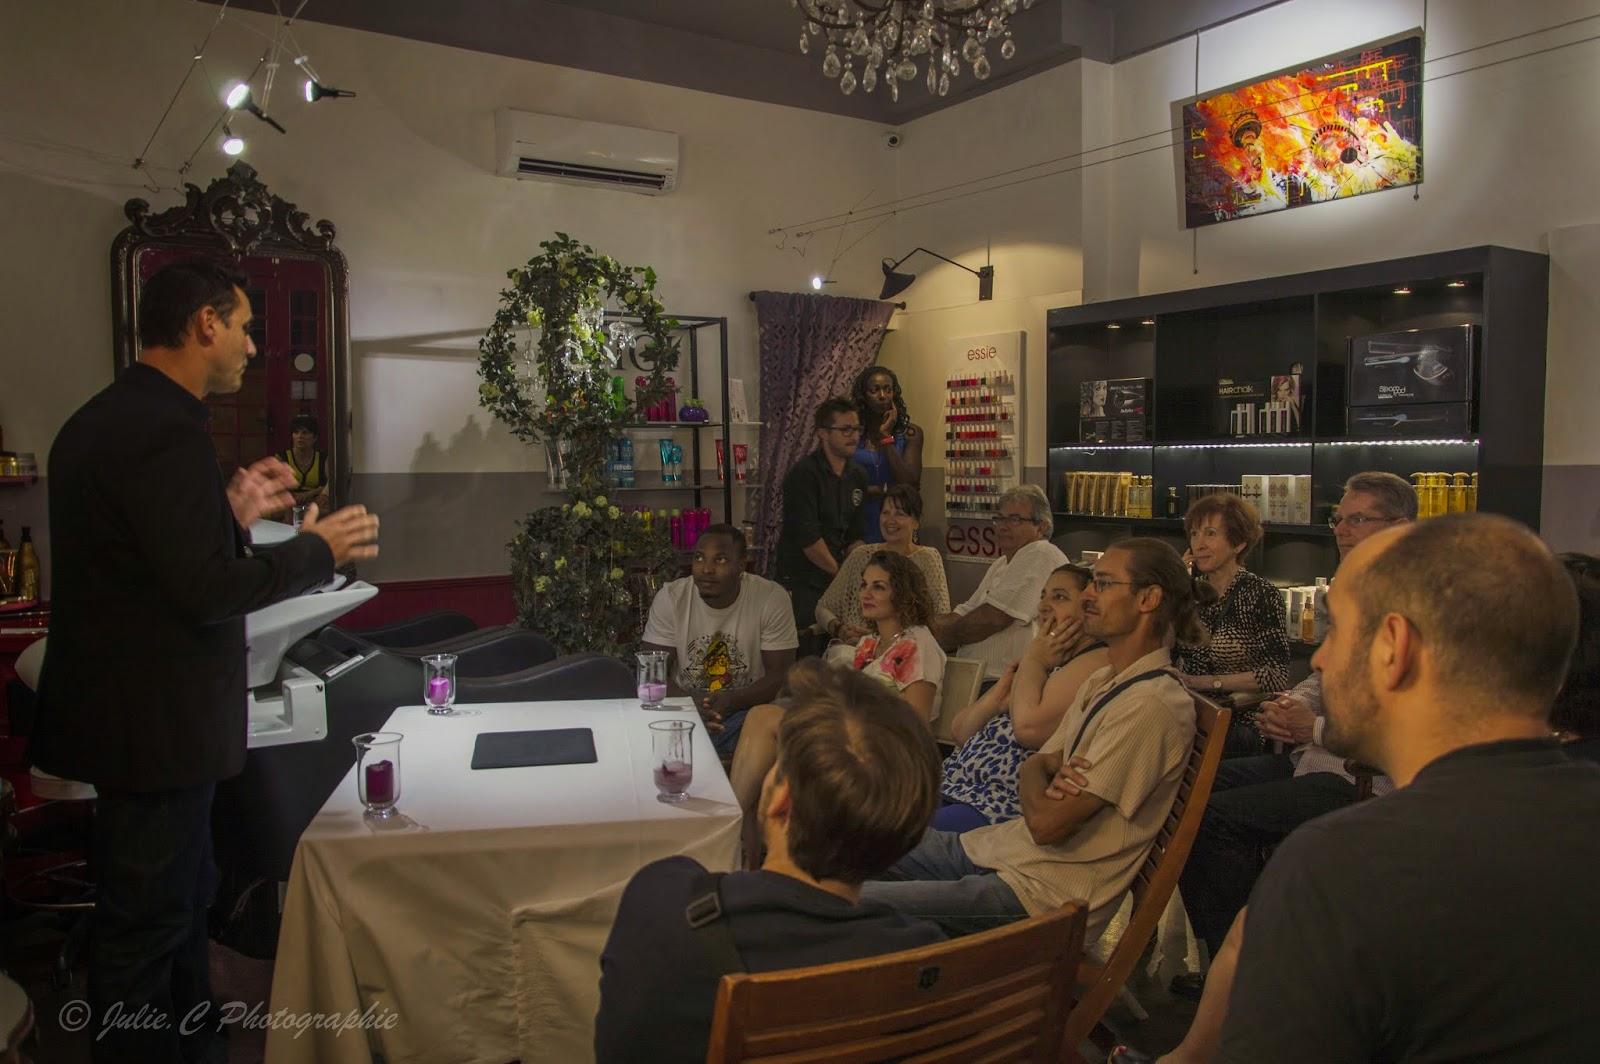 Batist, magicien mentaliste en plein action au Studio 54, lors de la soirée à thème du samedi 13 septembre 2014, devant une assistance nombreuses et conquise.